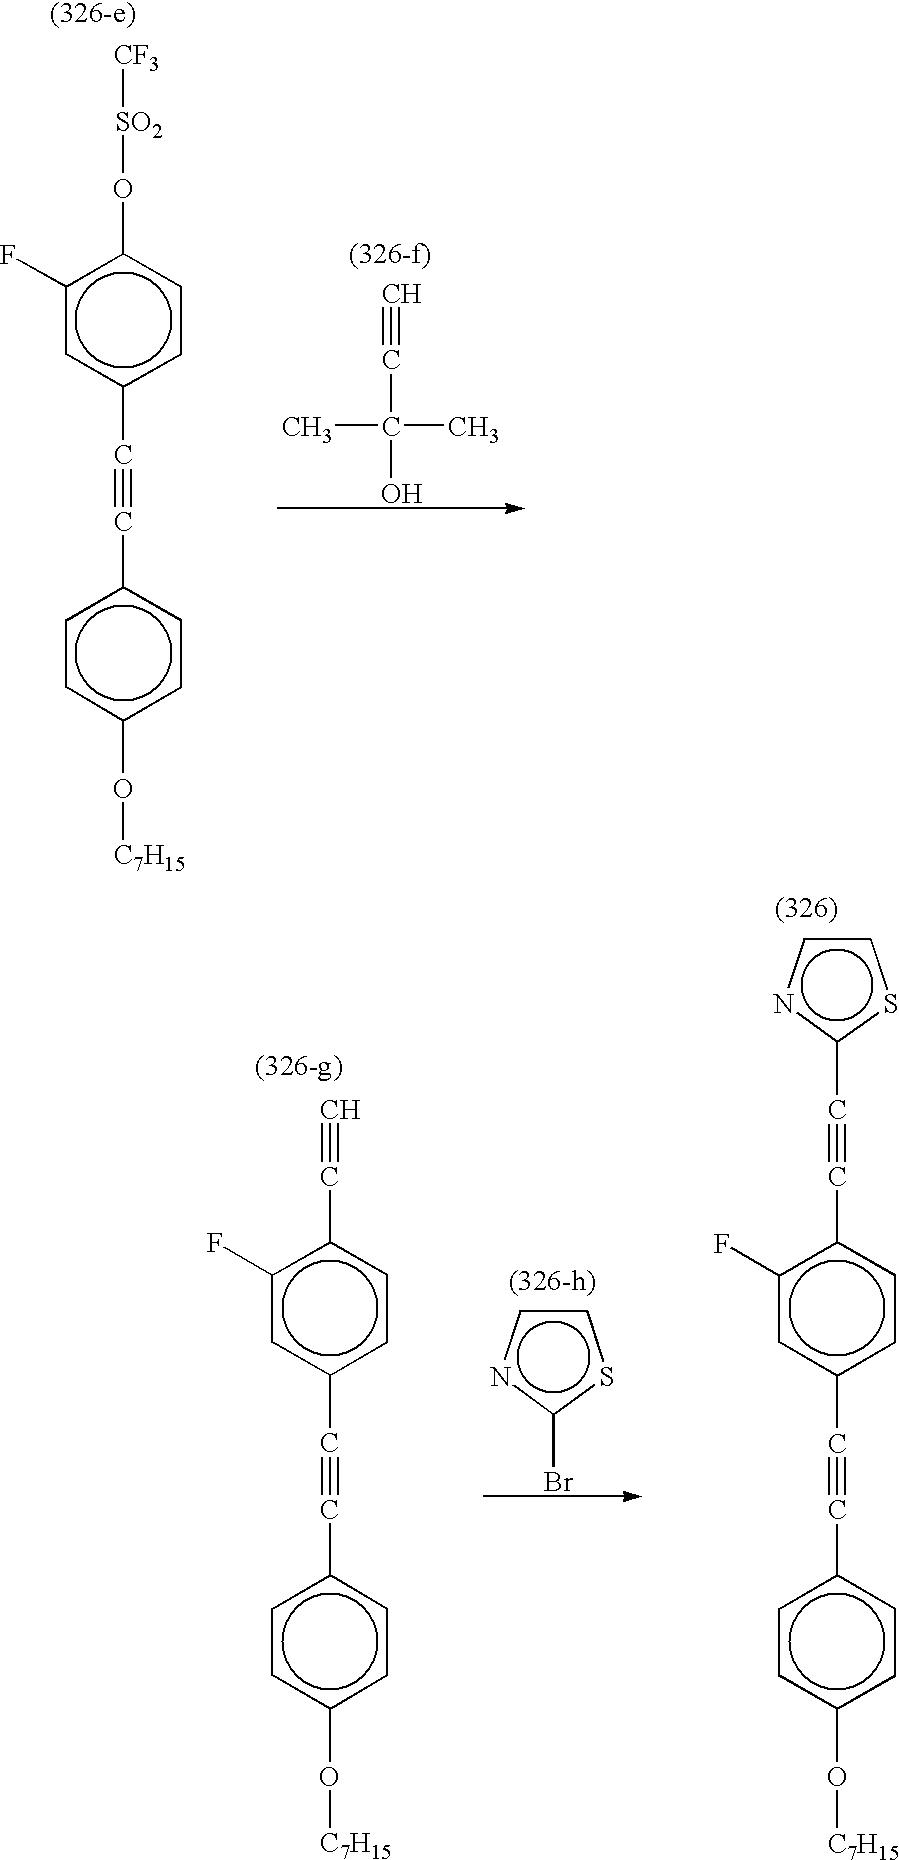 Figure US20030011725A1-20030116-C00017